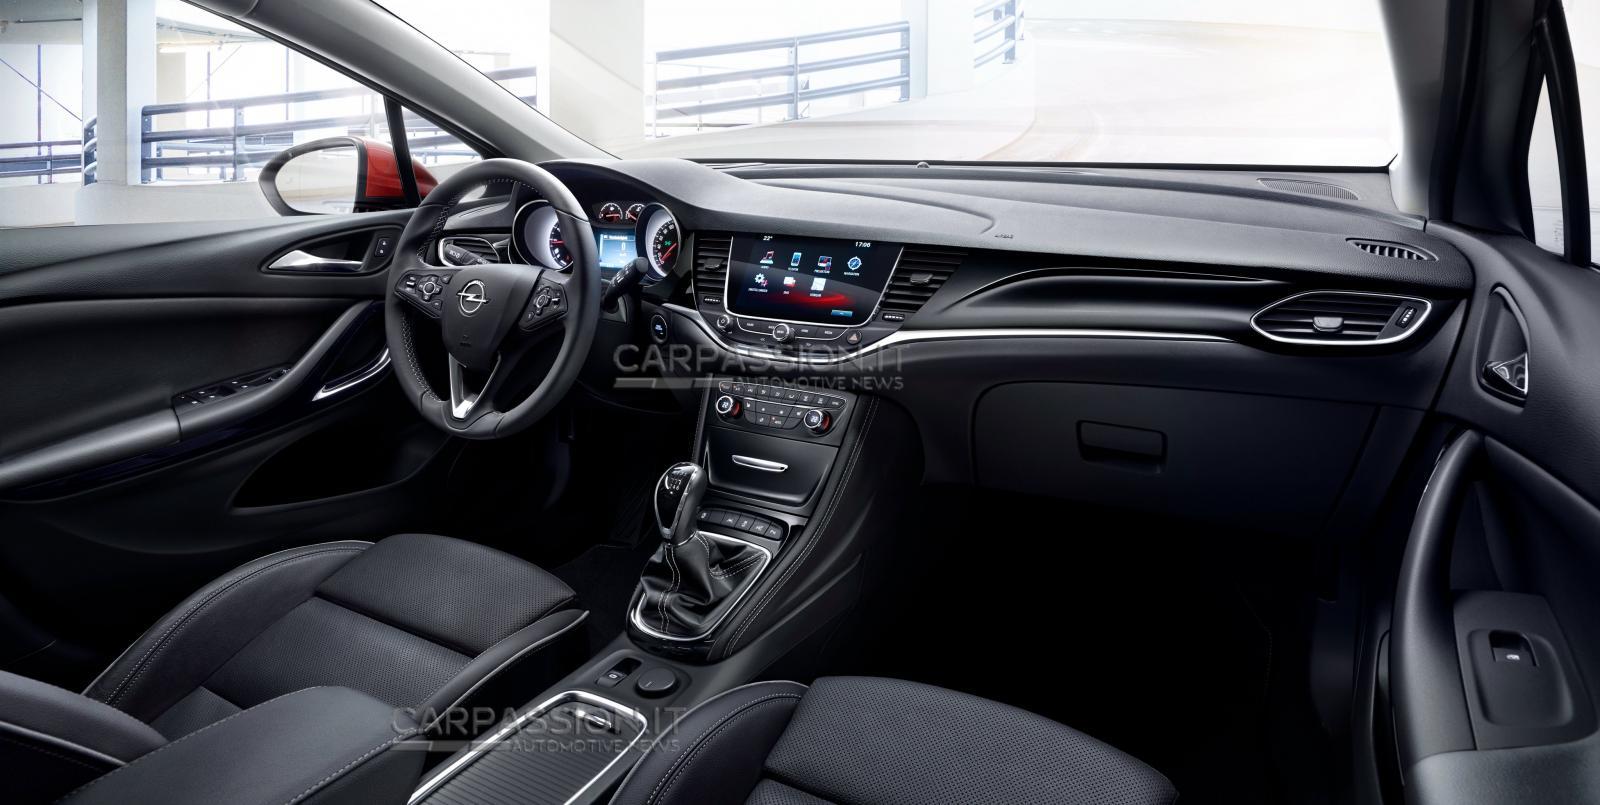 Primeras imágenes filtradas del Opel Astra (K) 2016 1